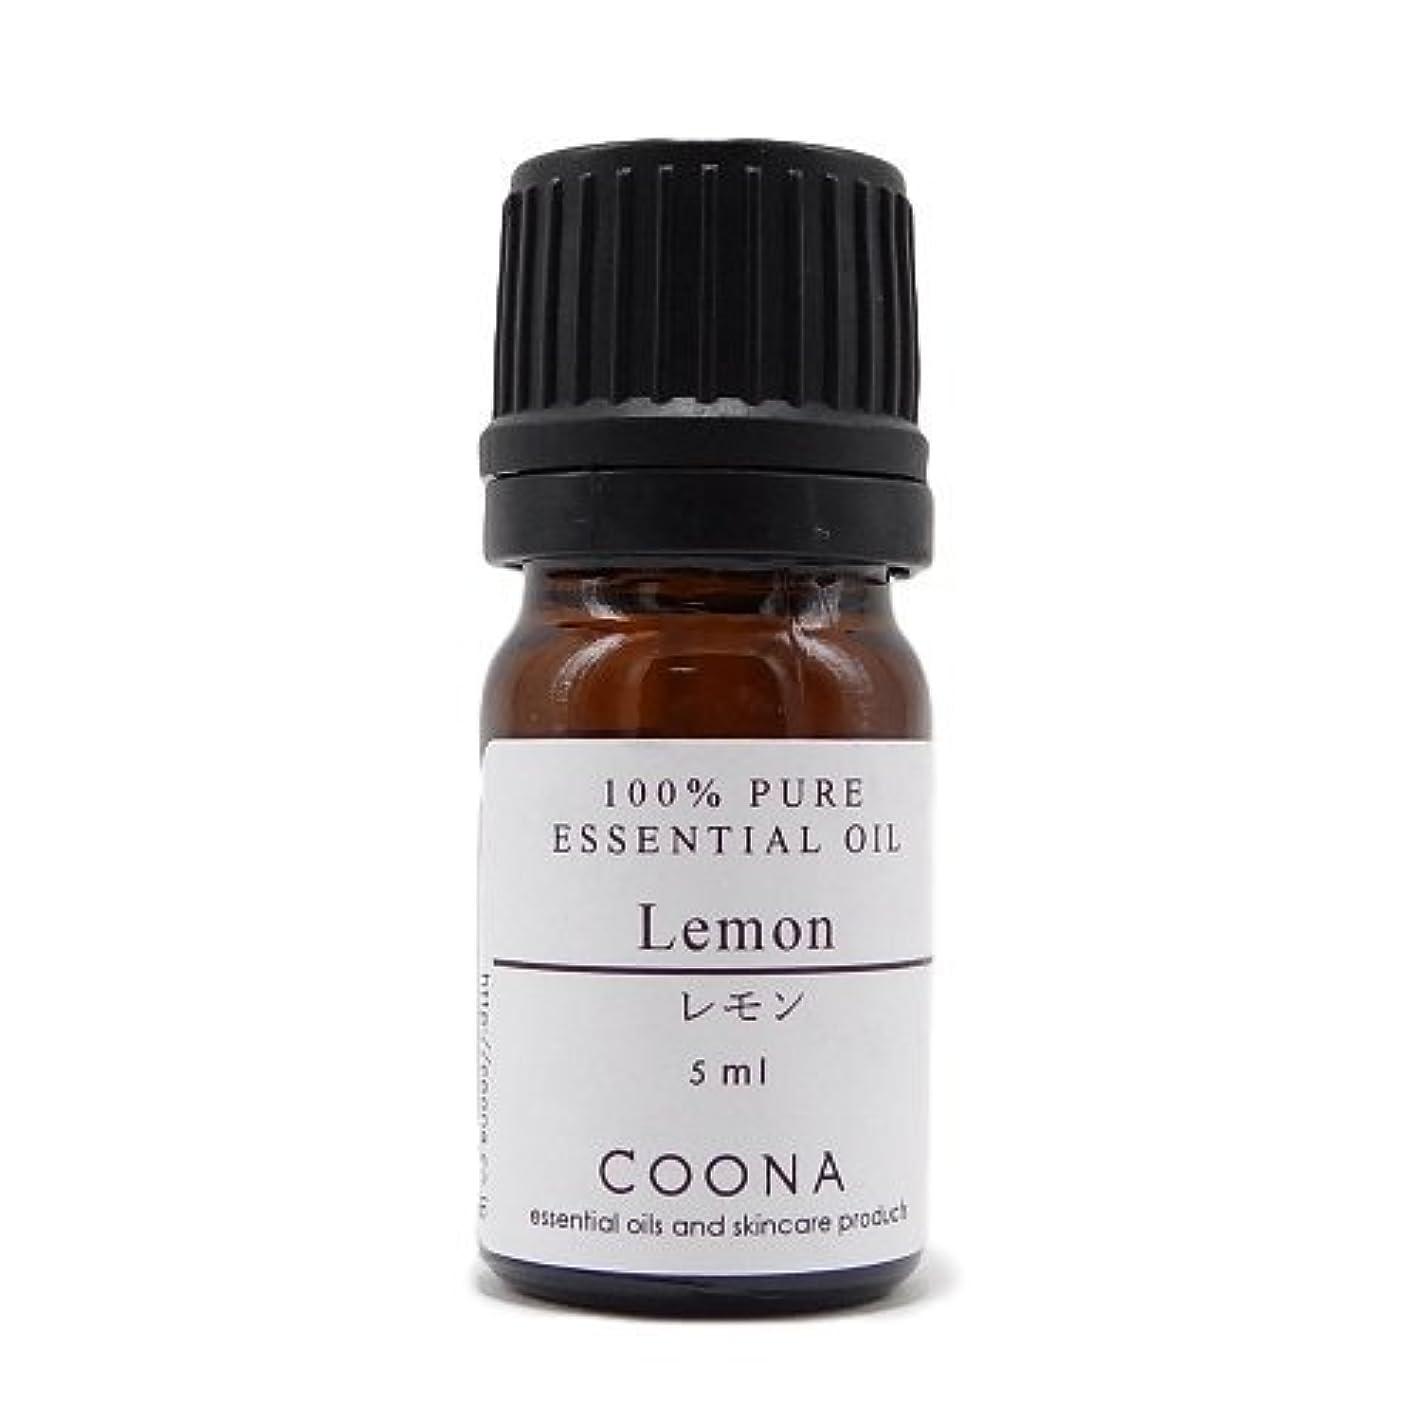 もの私たちのファンレモン 5 ml (COONA エッセンシャルオイル/アロマオイル/精油)